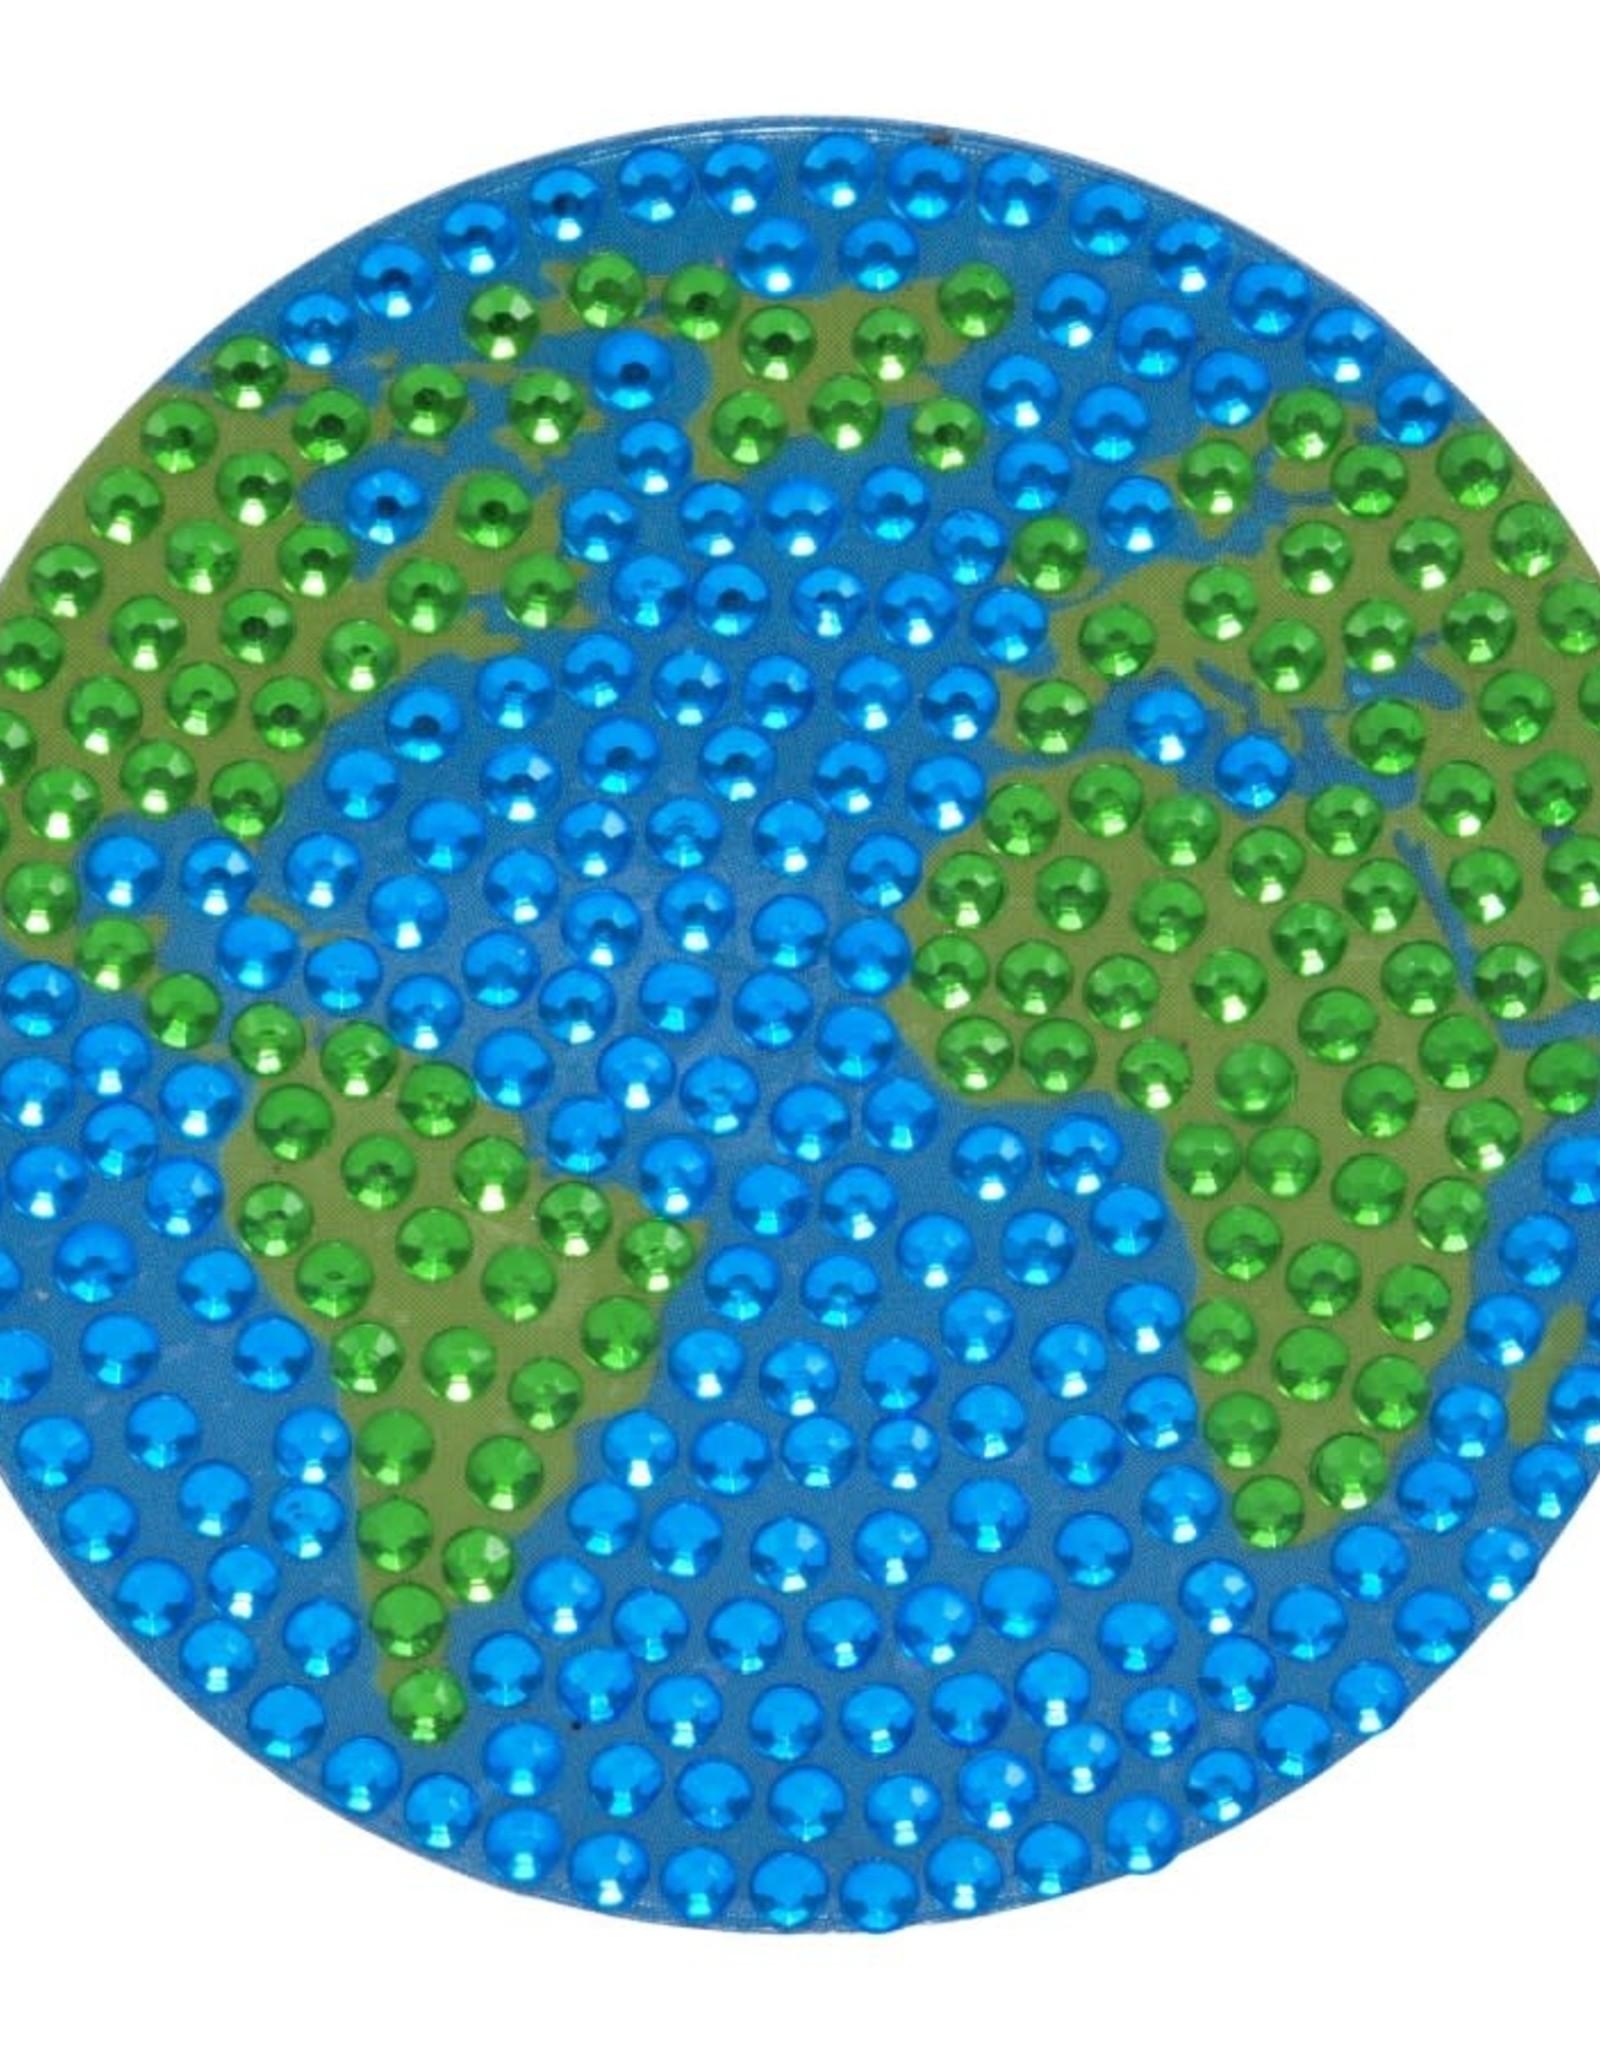 Sticker Beans Sticker Bean Earth